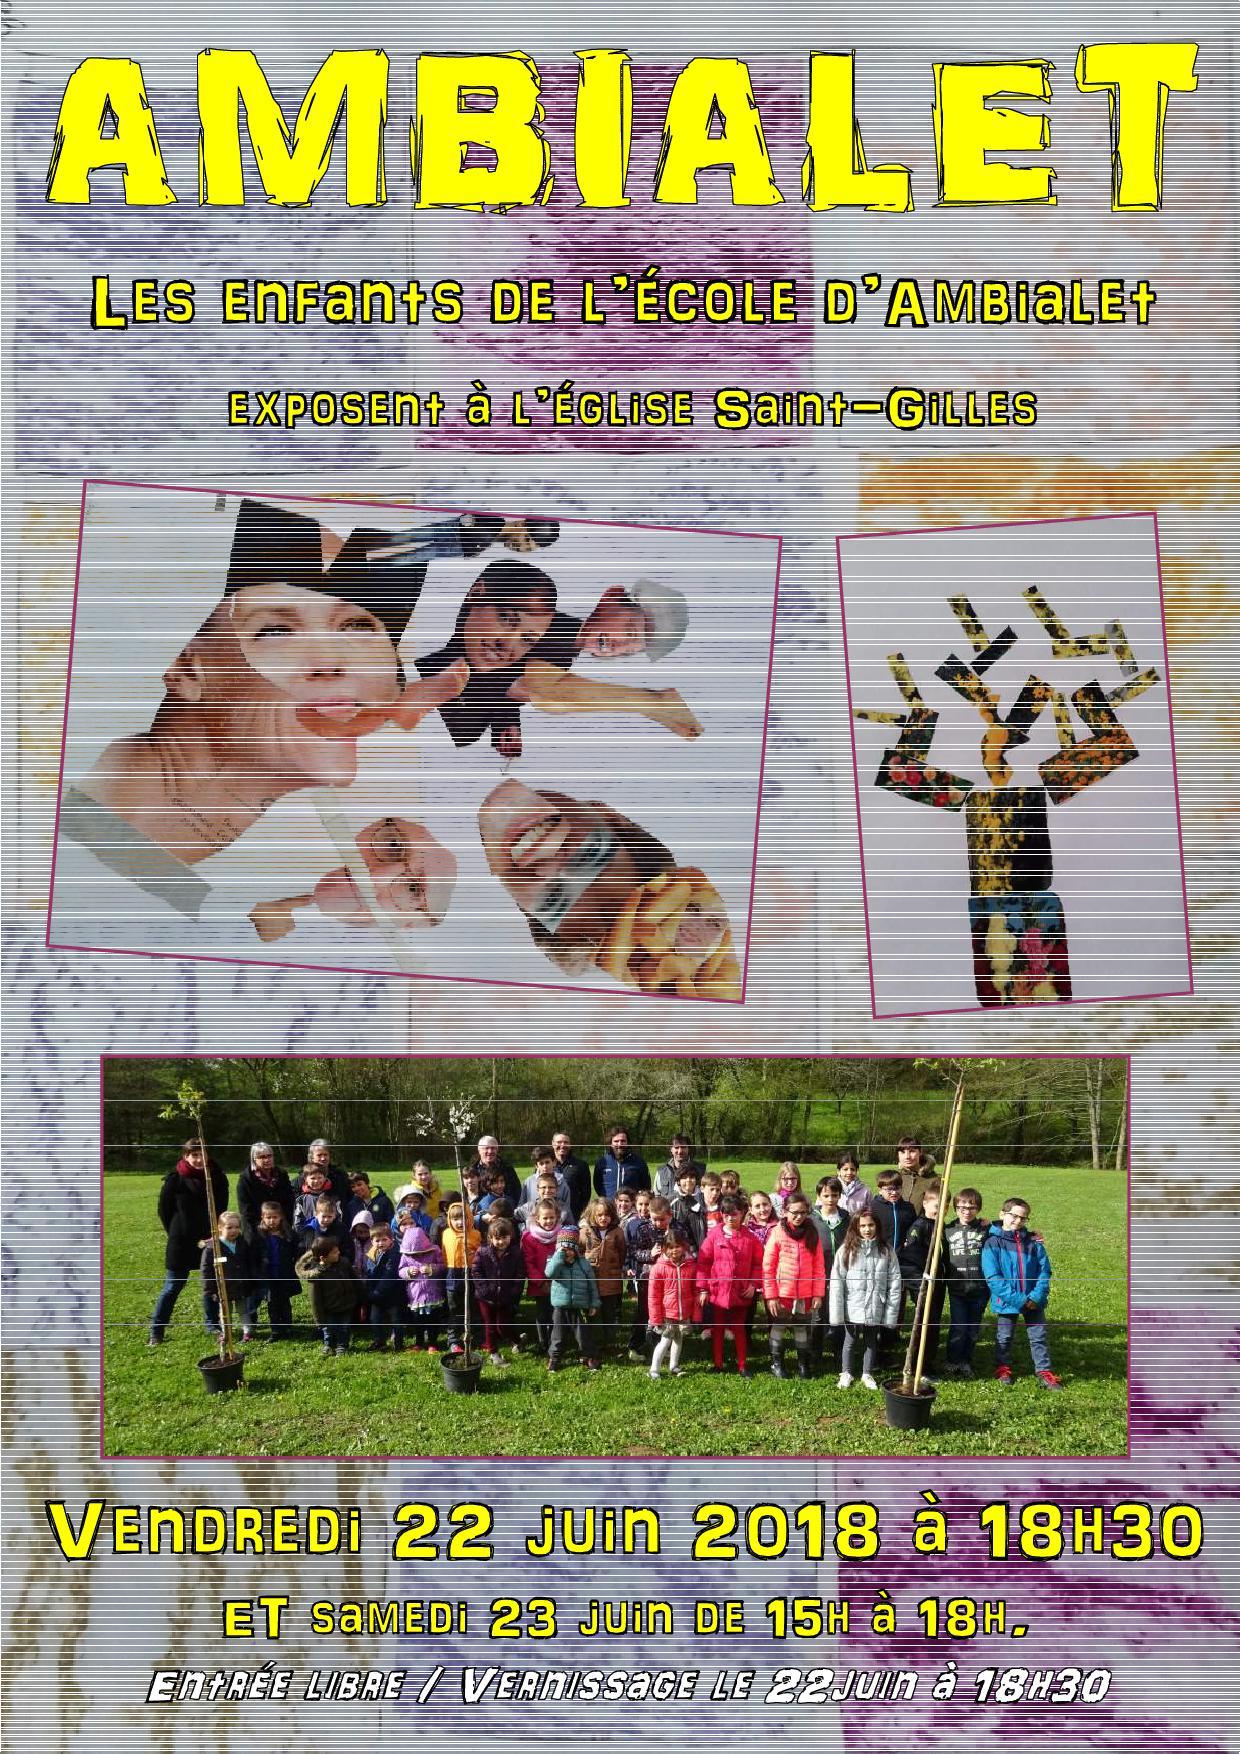 exposition des enfants de l'école d'Ambialet